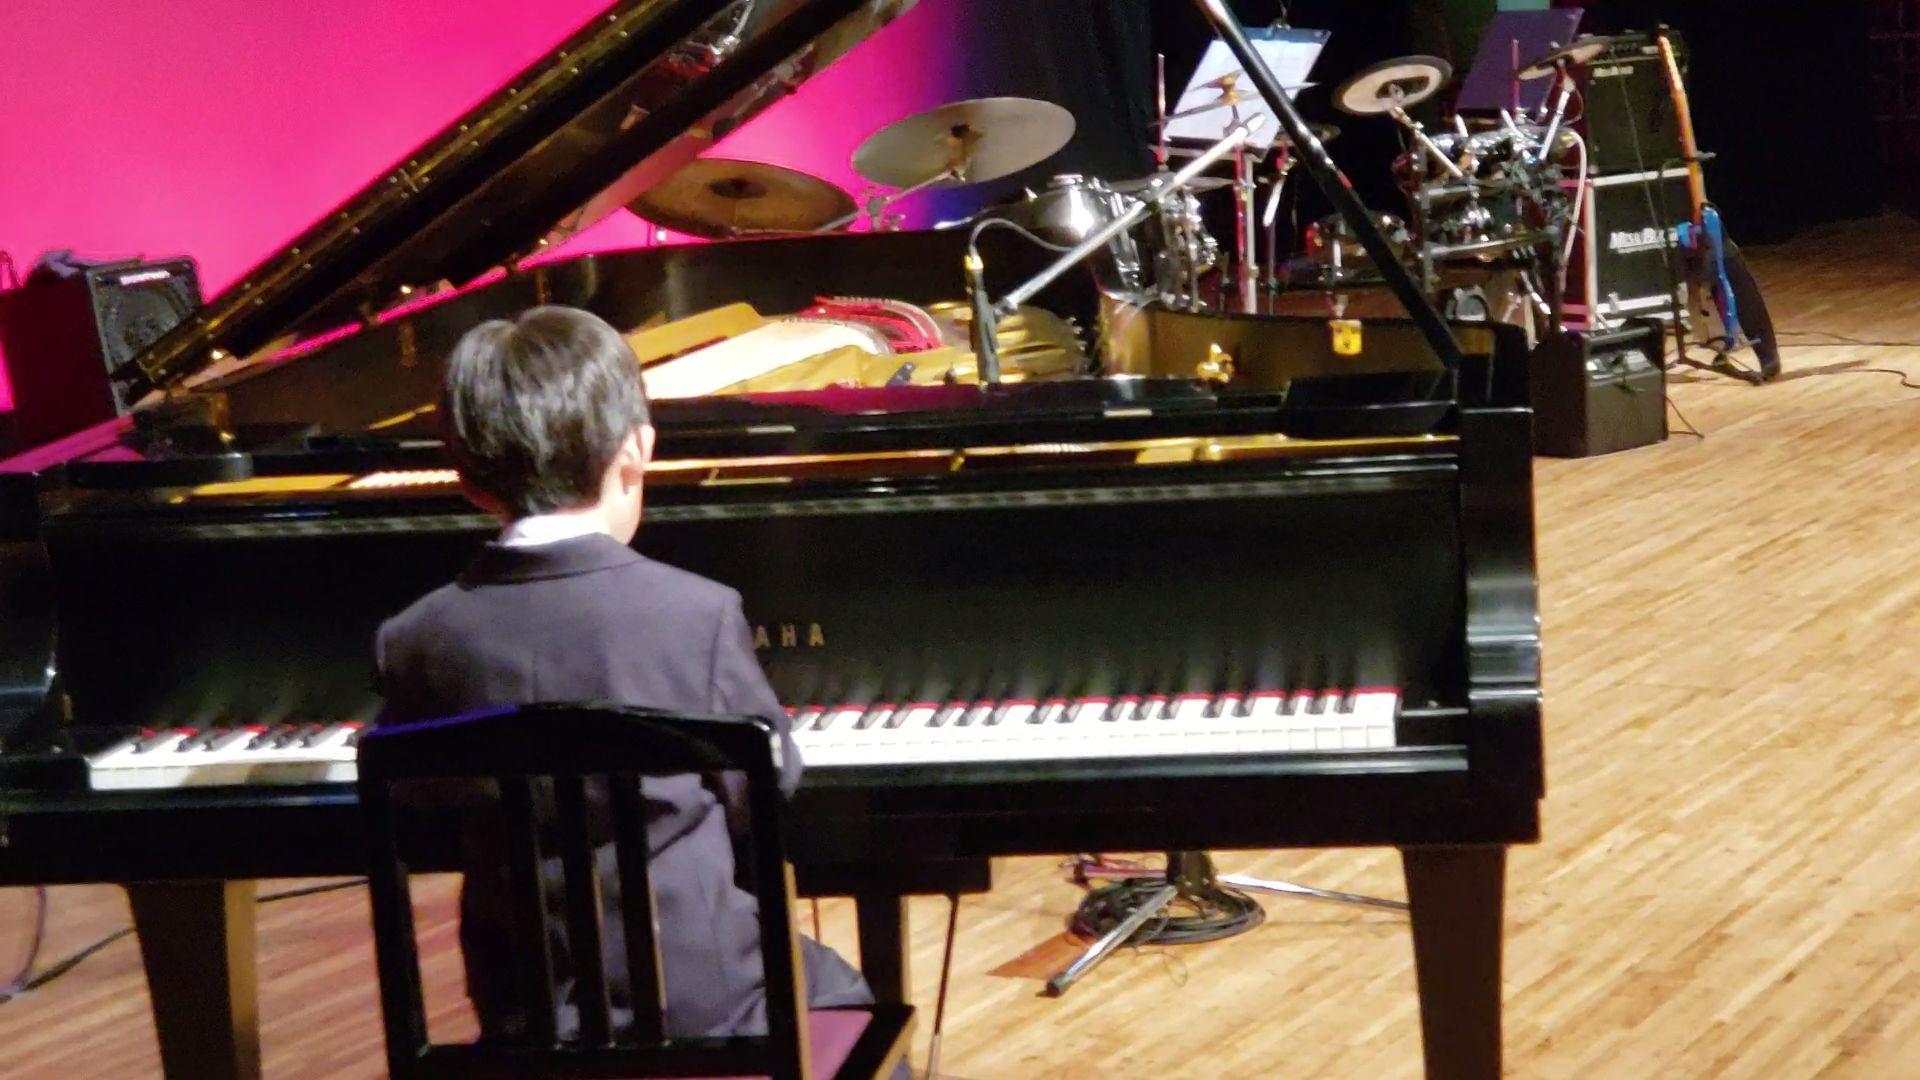 発表会クラシックピアノ演奏